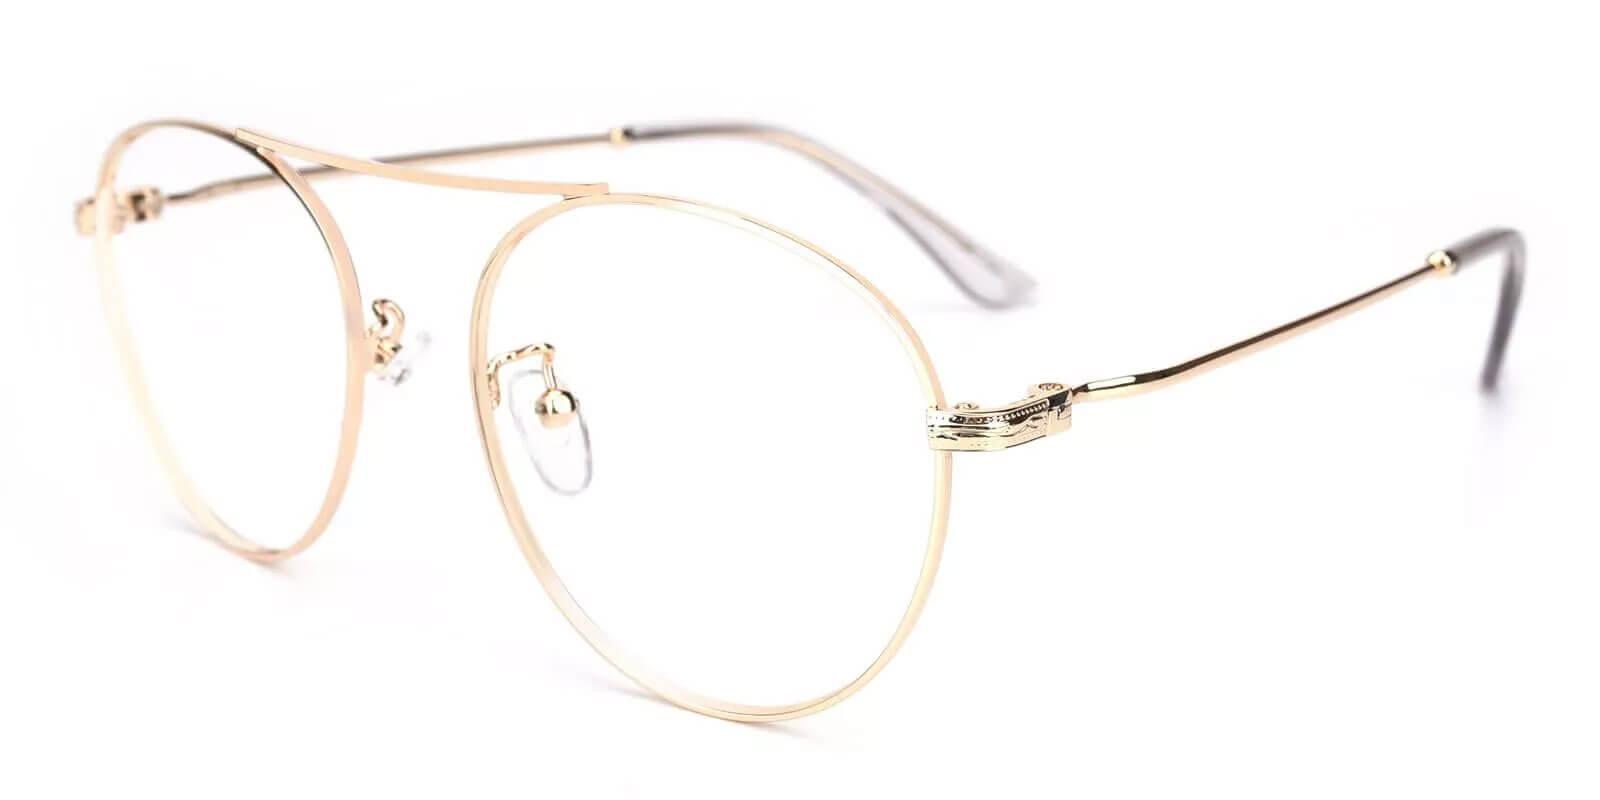 Chloe Gold Metal NosePads , Eyeglasses Frames from ABBE Glasses